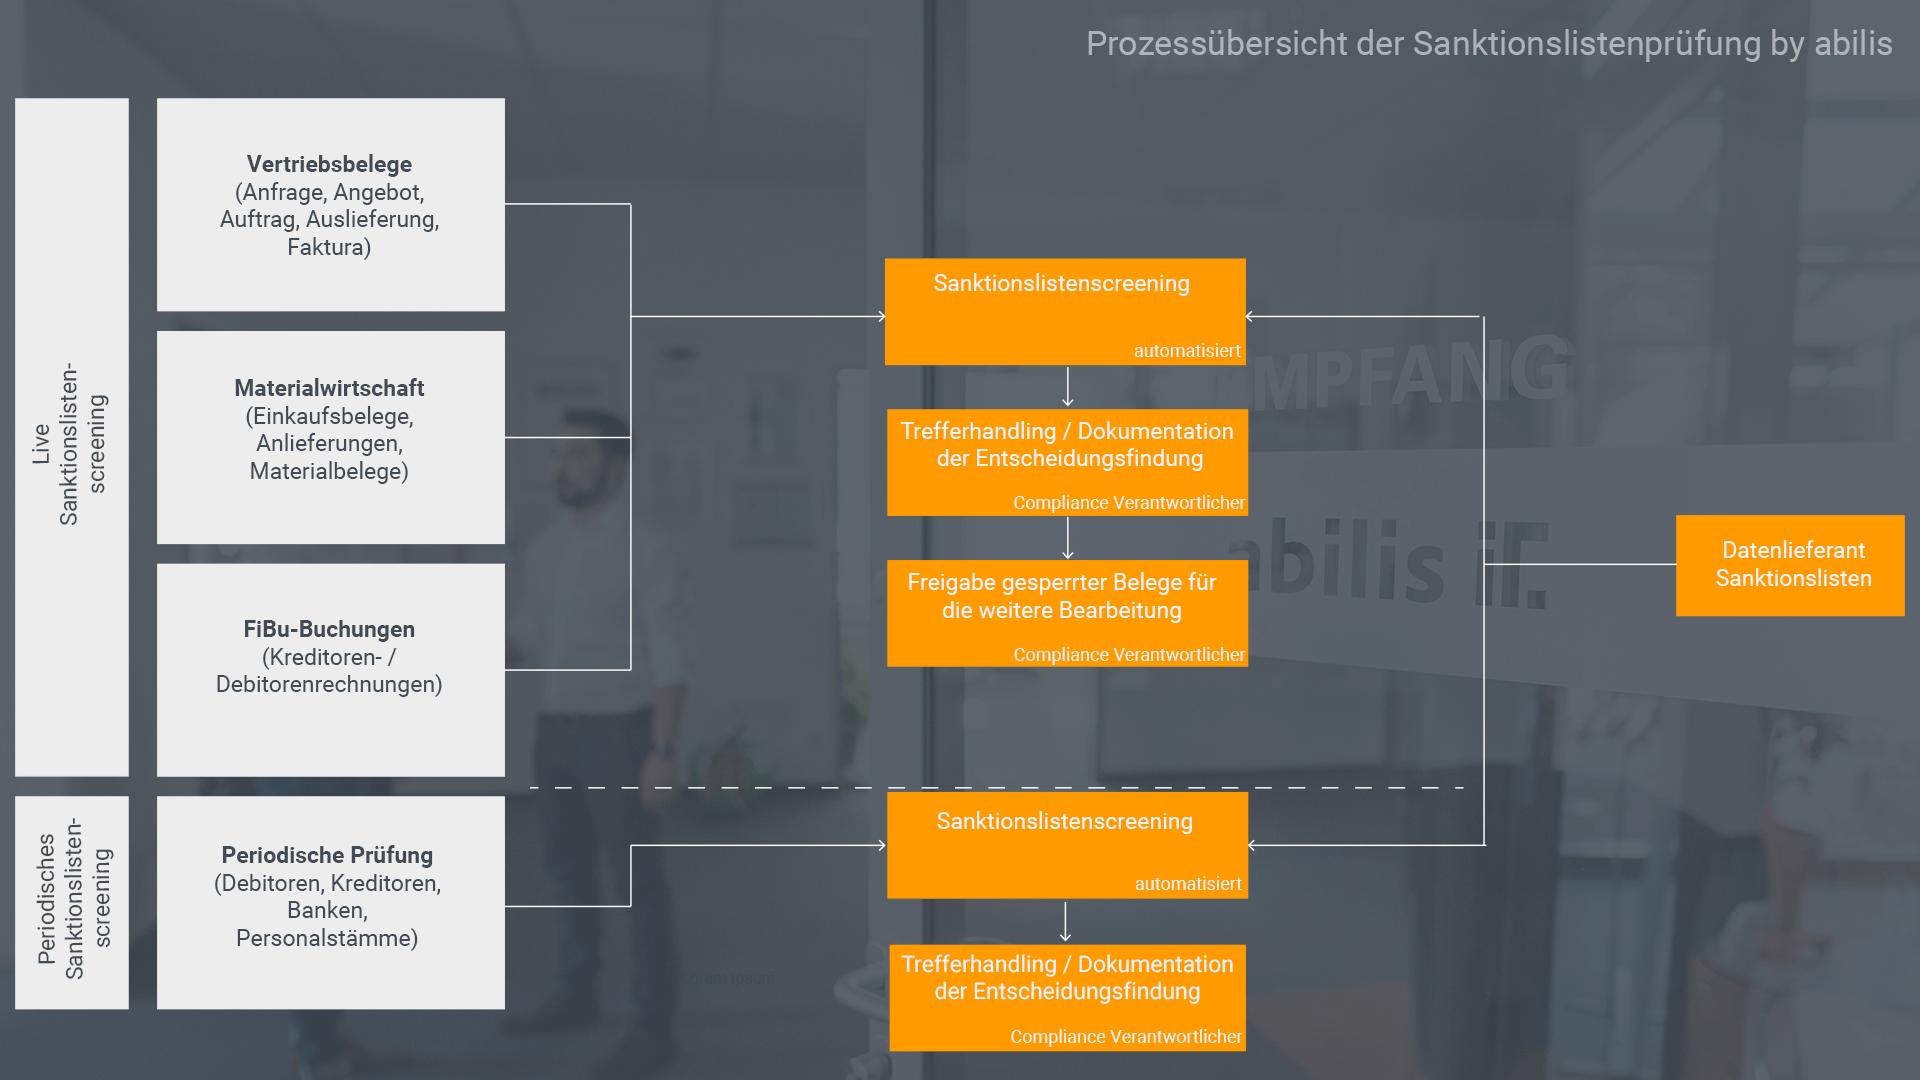 Prozessübersicht SAP Sanktionslistenprüfung by abilis